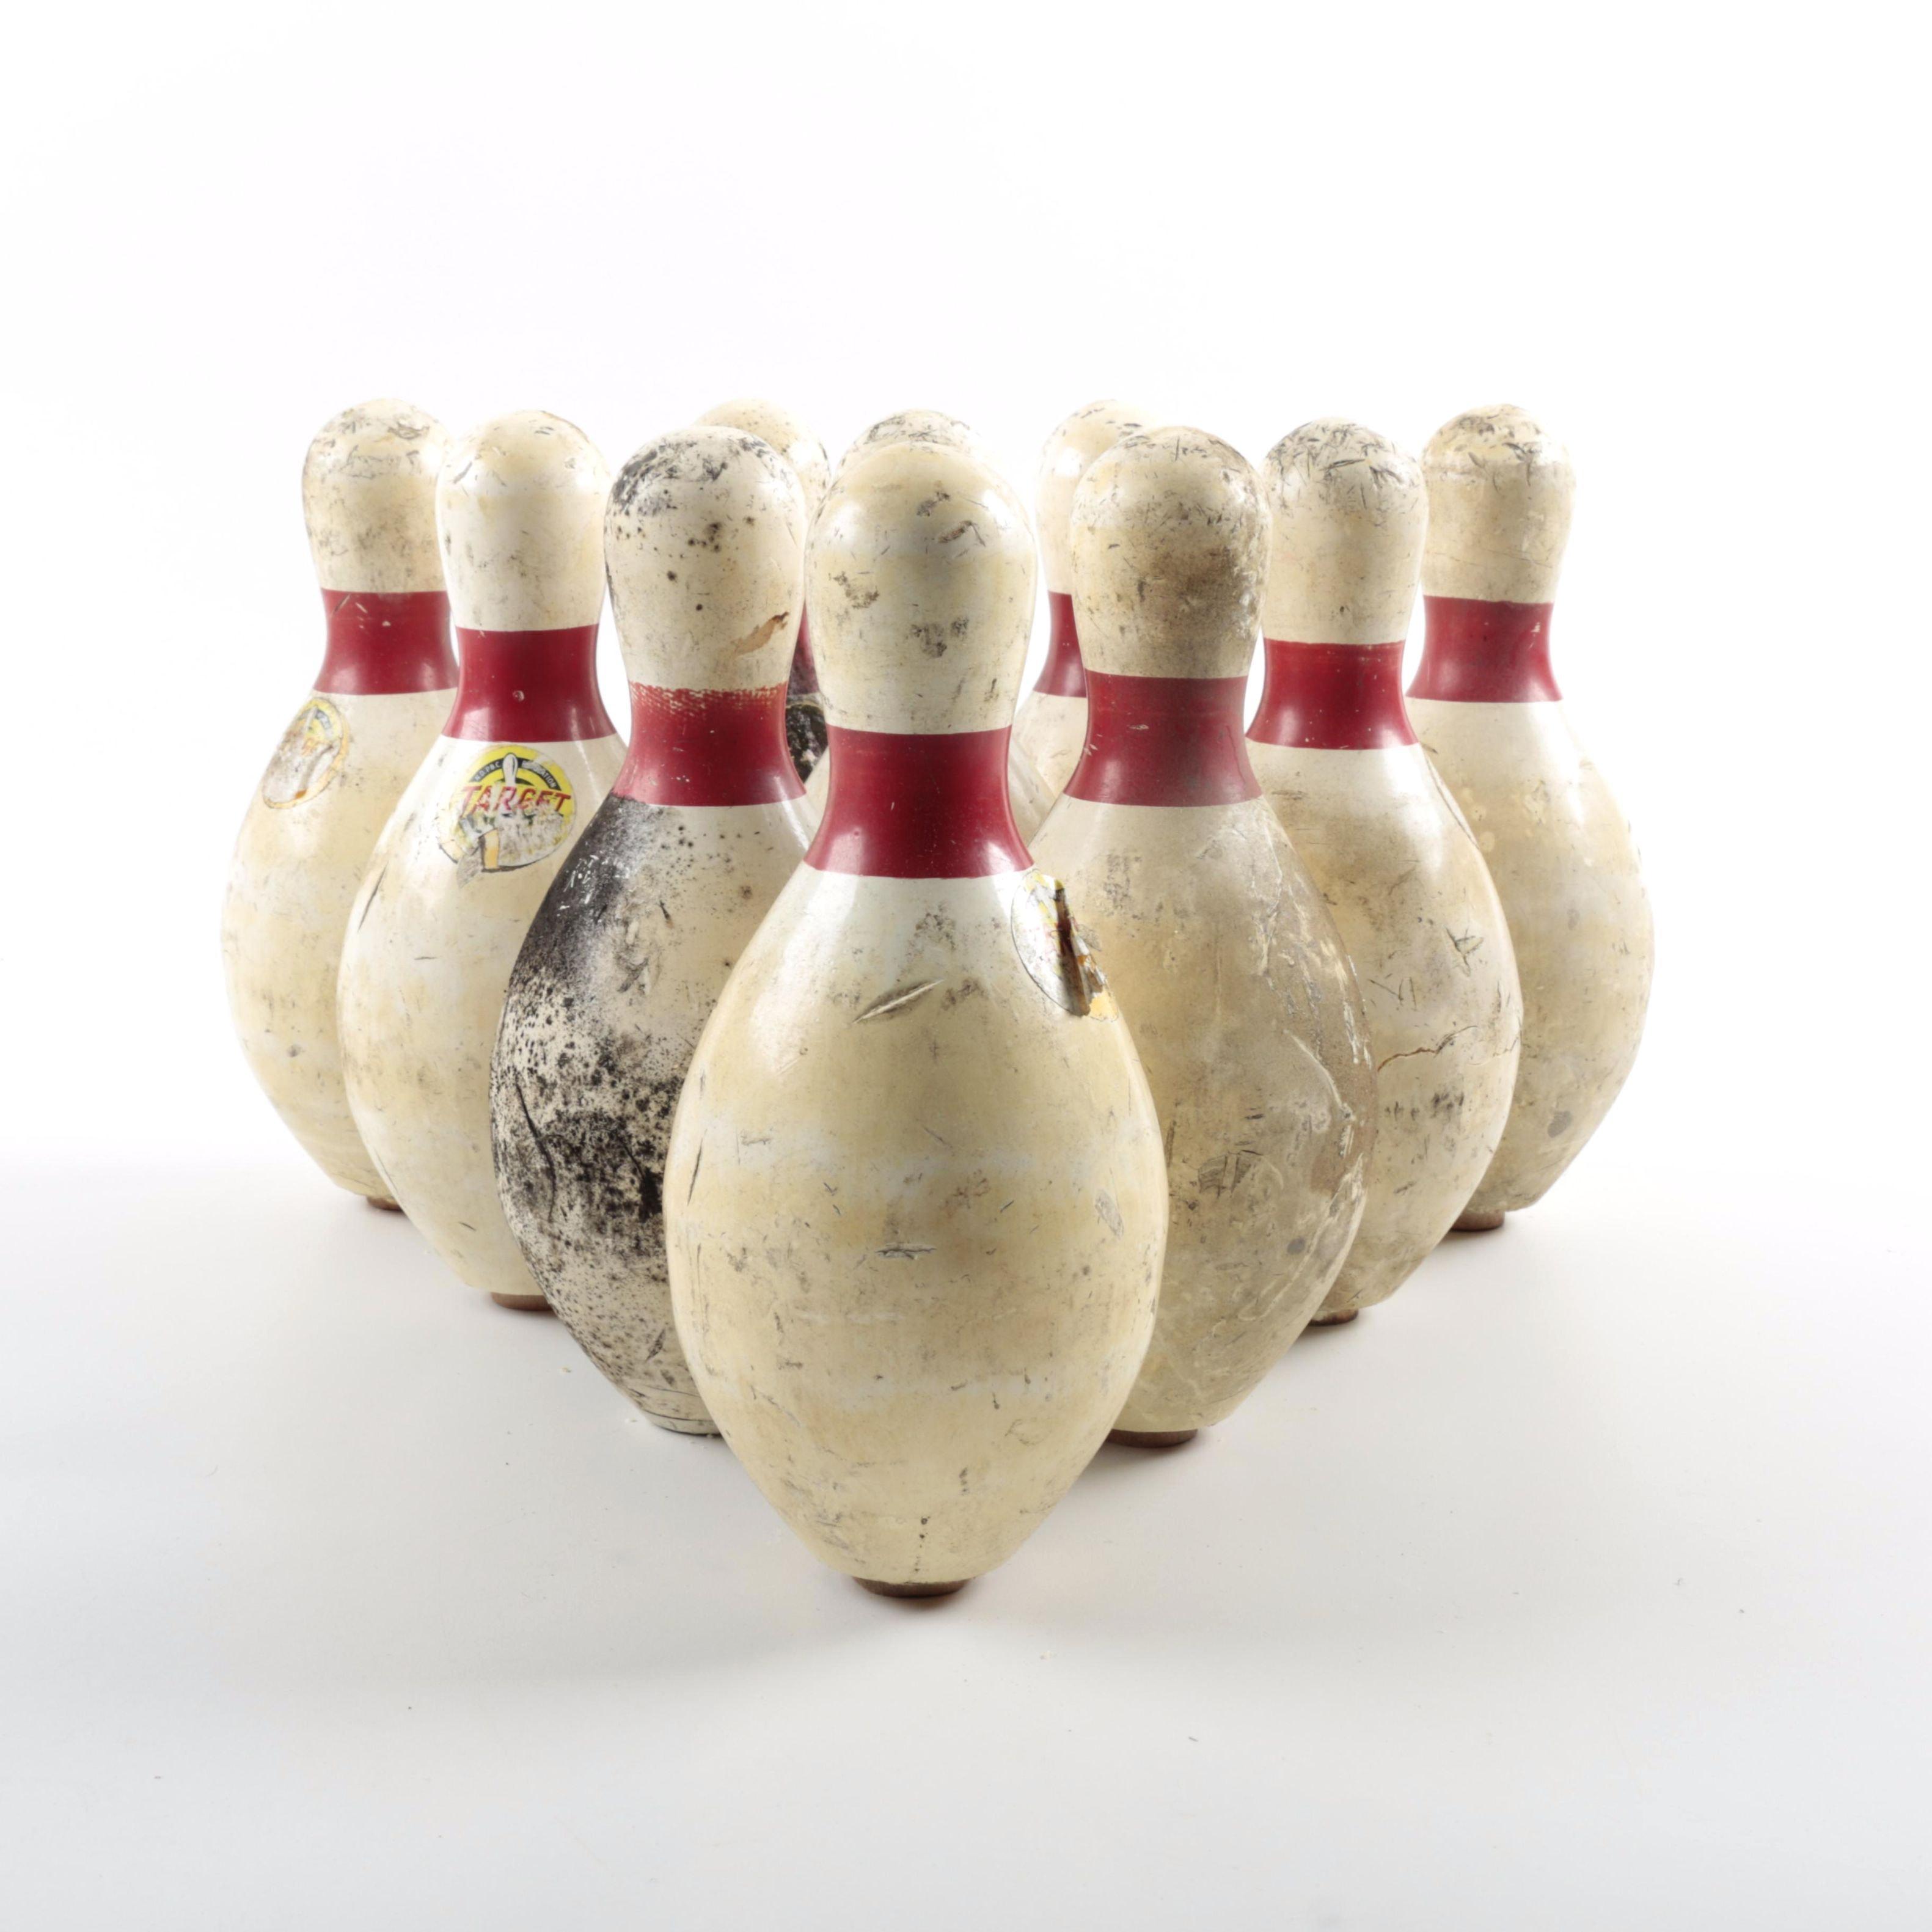 Vintage Duckpin Bowling Pins